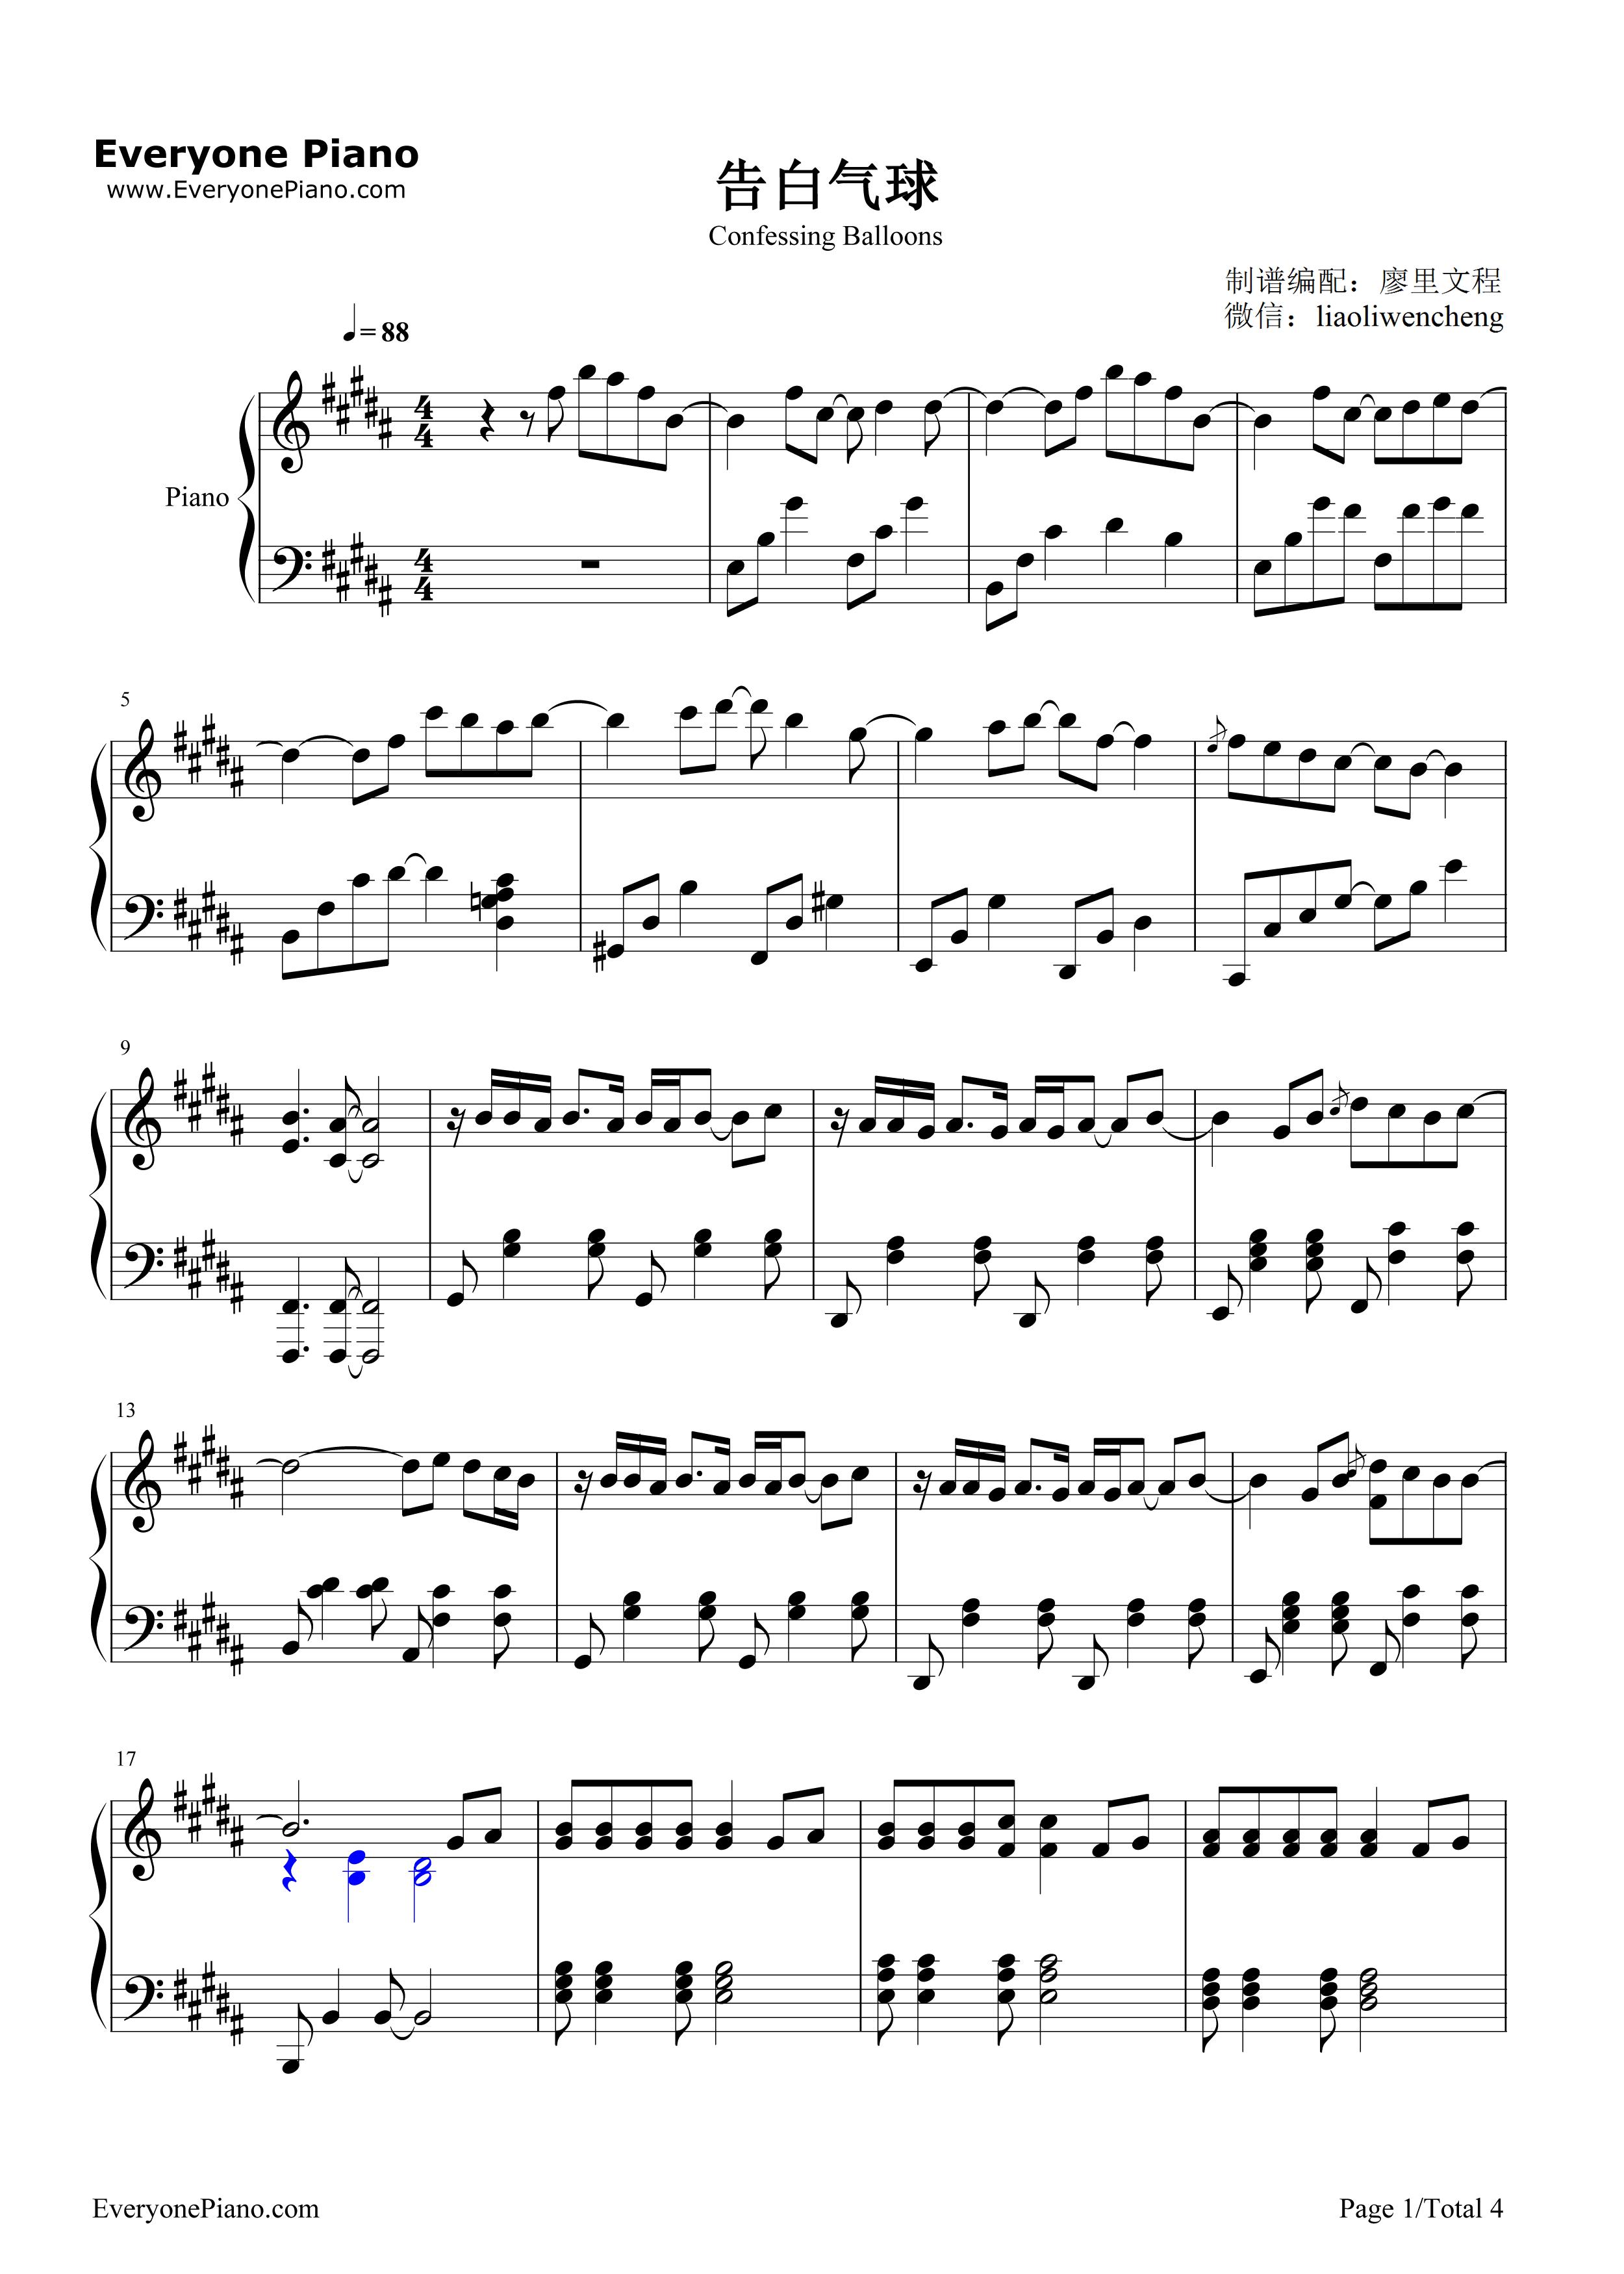 钢琴曲谱 流行 告白气球-完美演奏版 告白气球-完美演奏版五线谱预览1